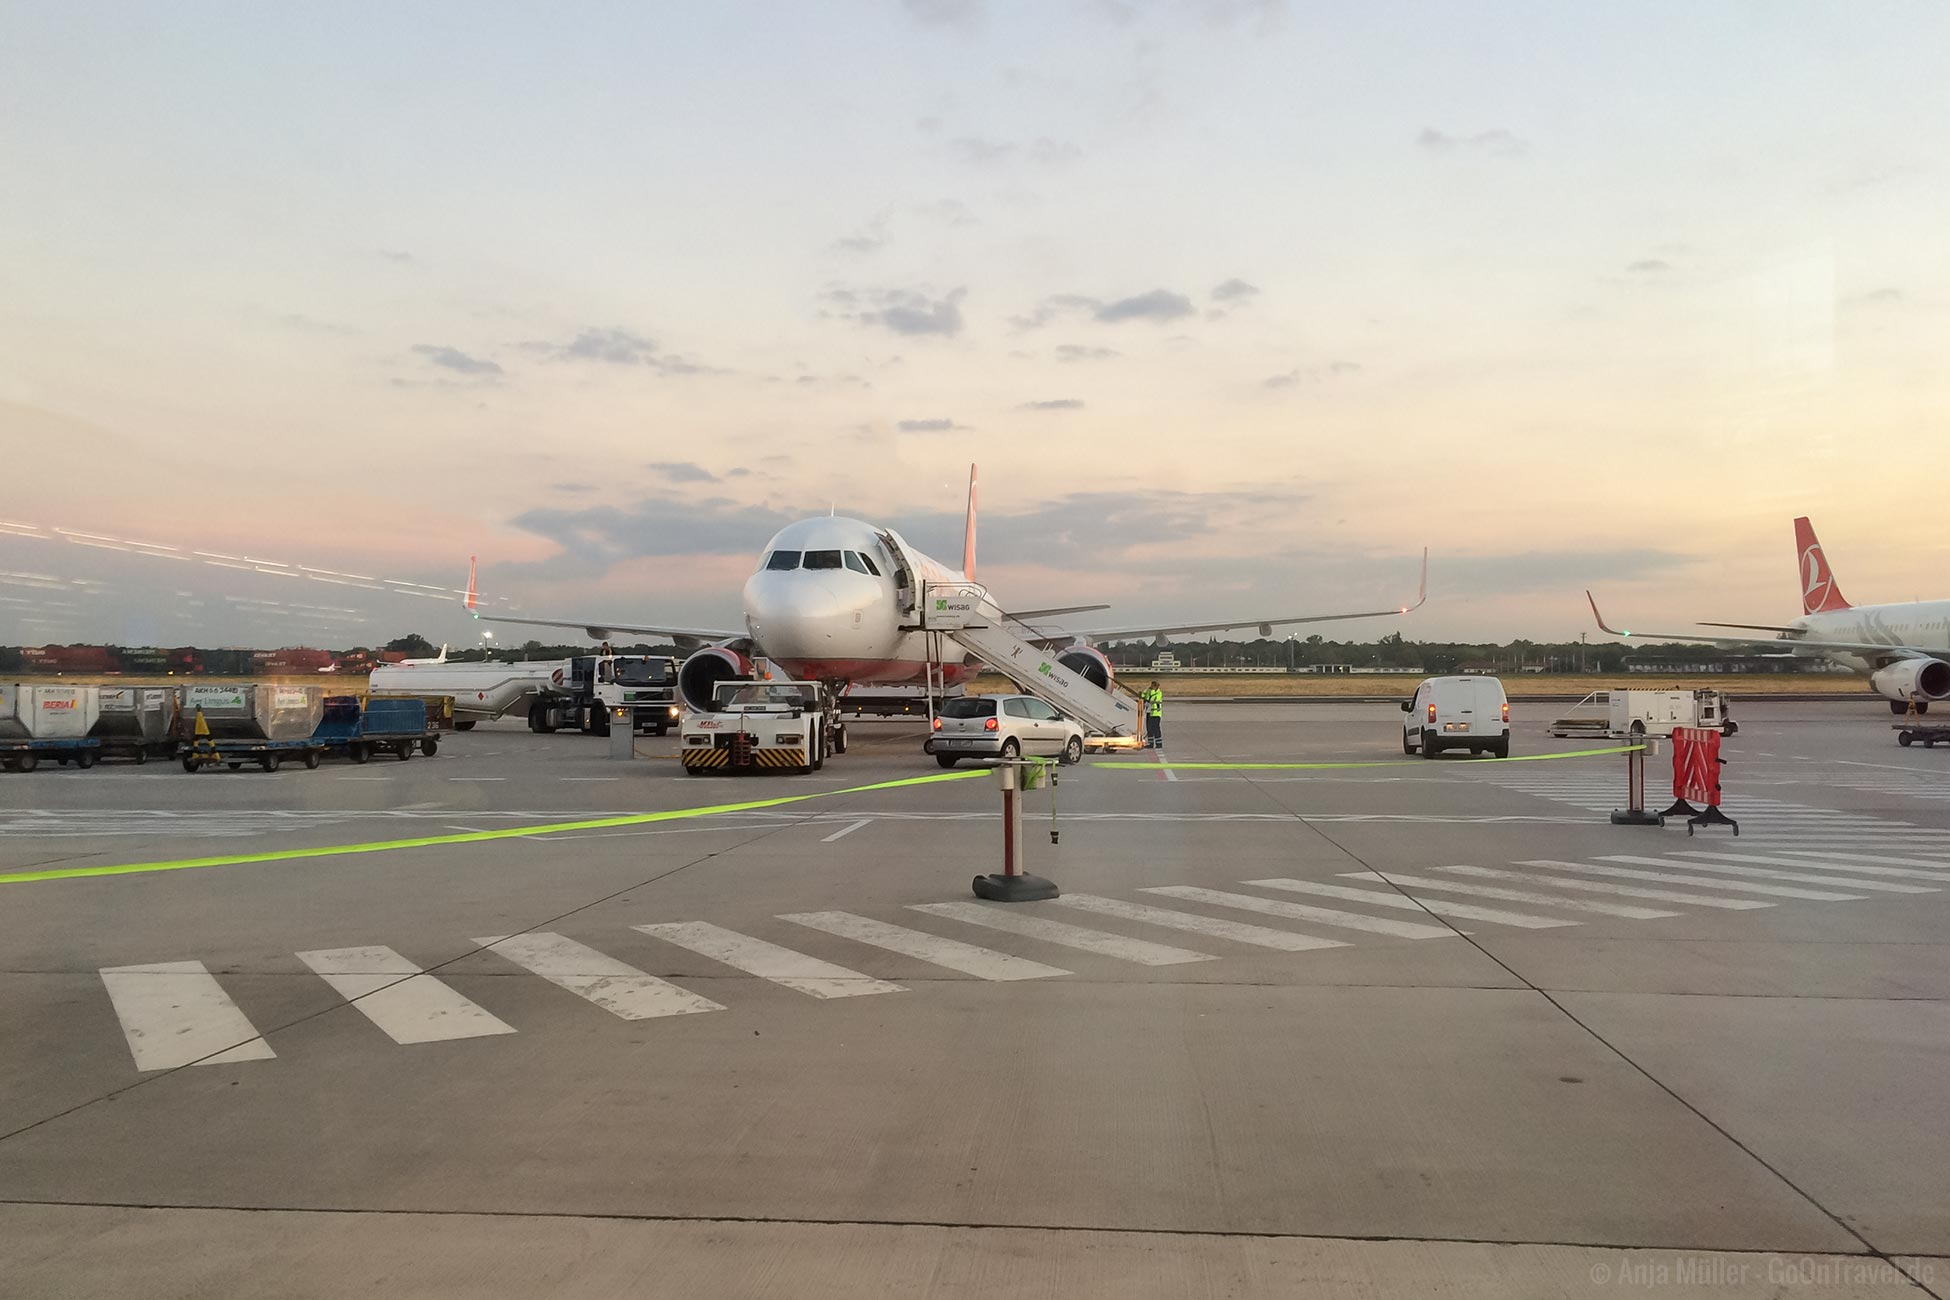 Flughafen Flugzeug